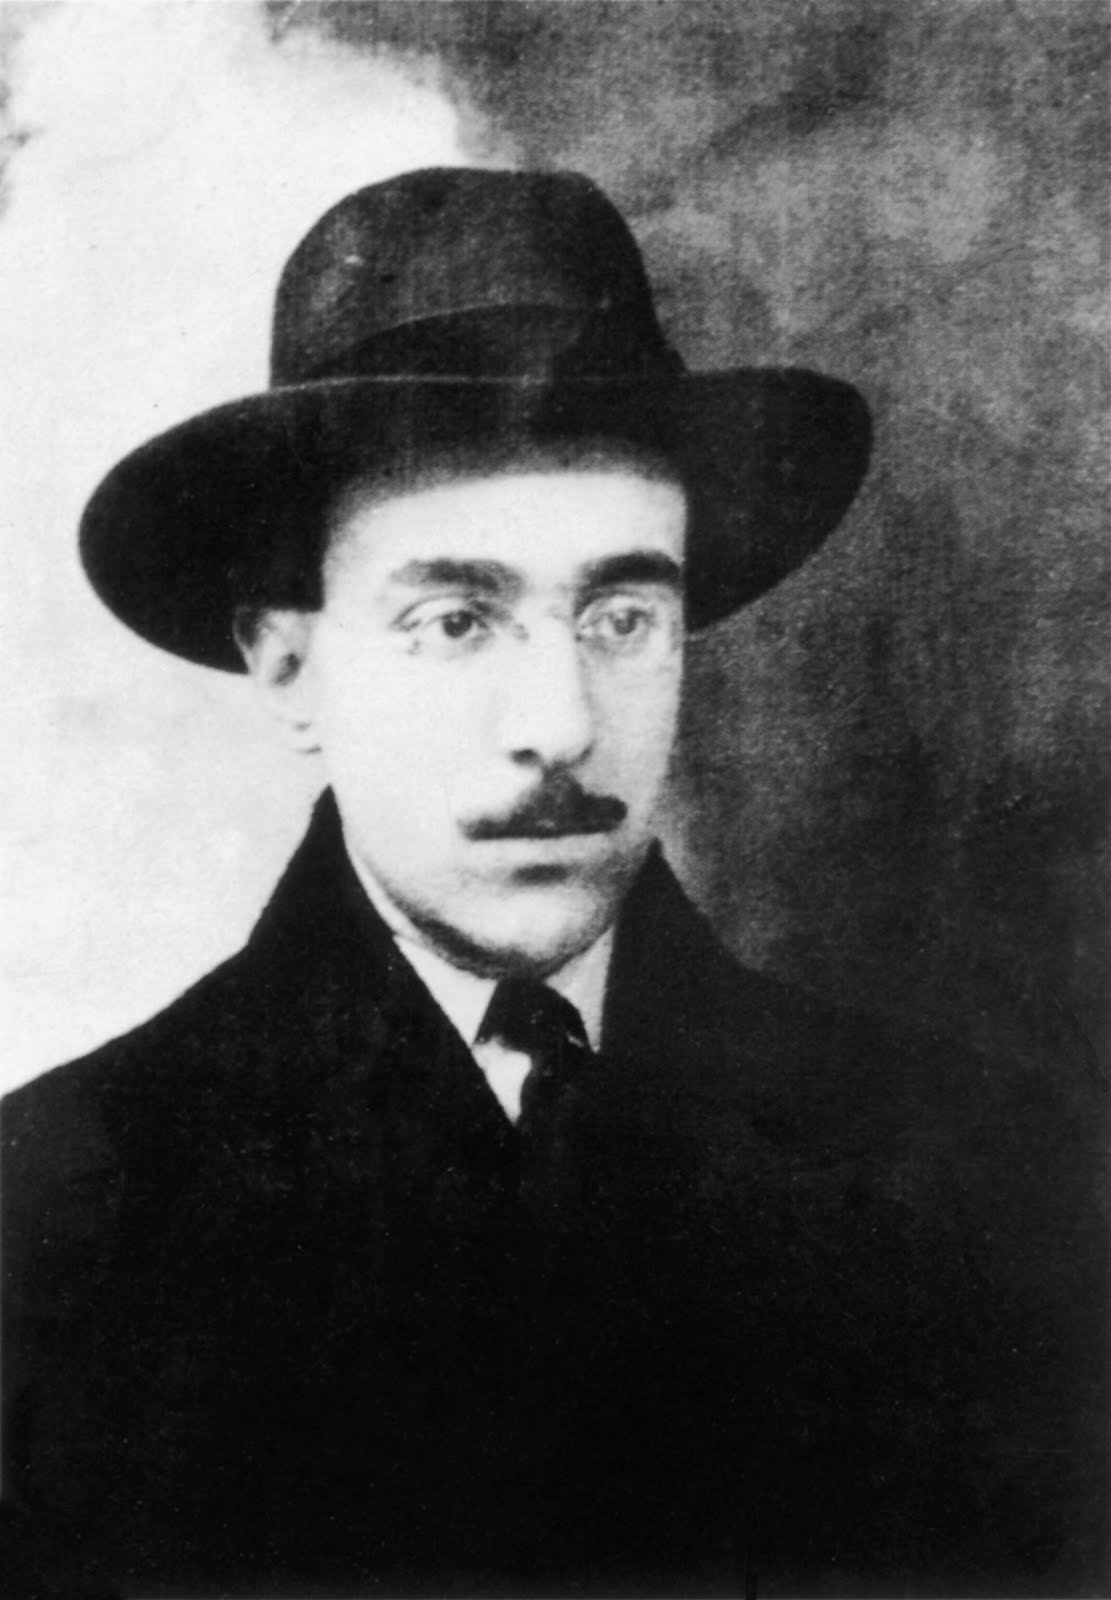 Fernando Pessoa, poeta português